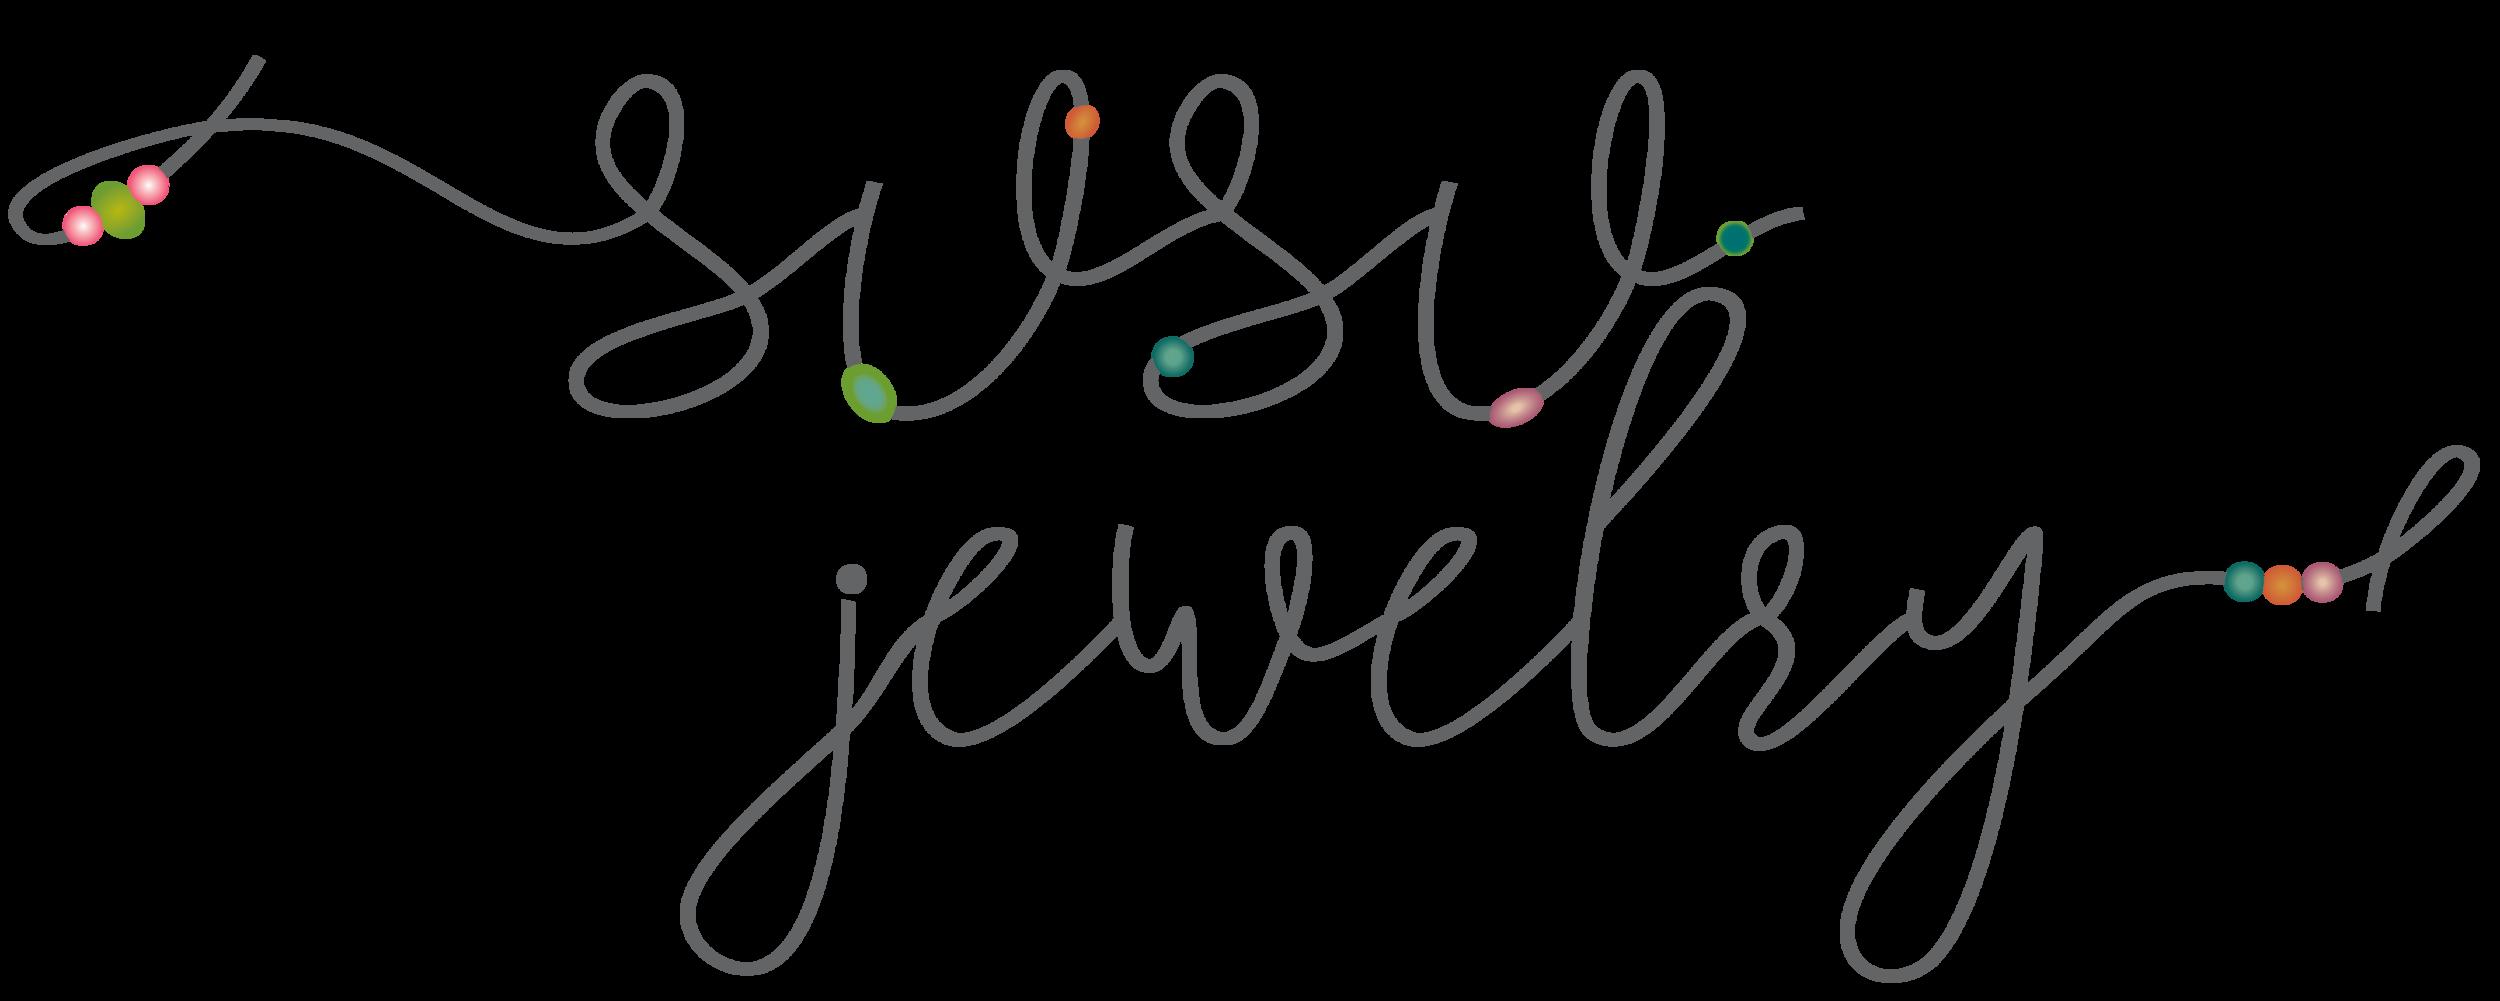 susu jewelry